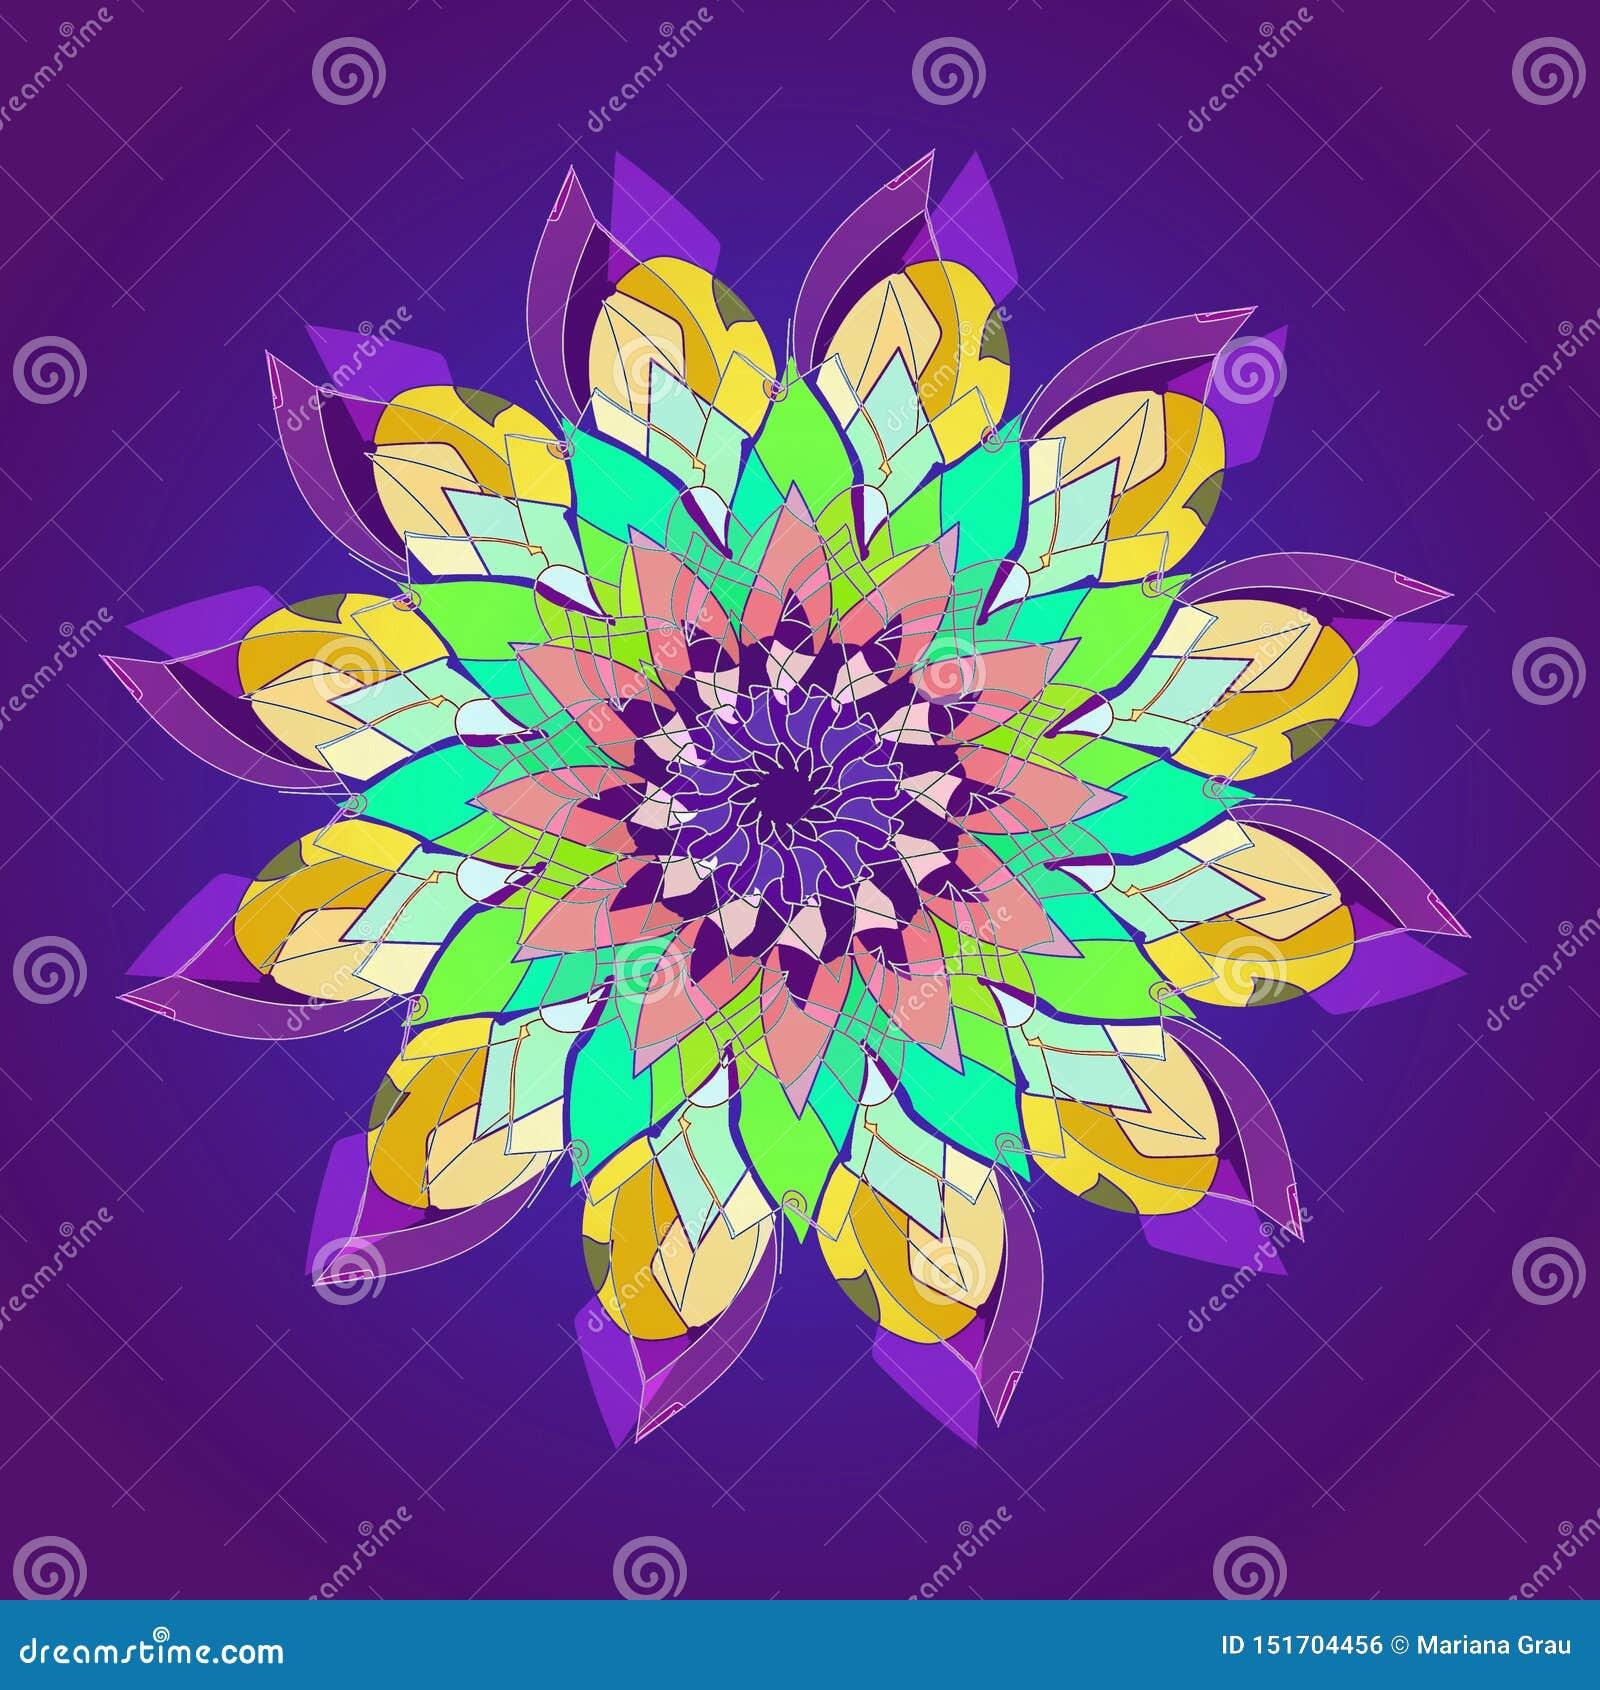 Mandala de fleur de Lotus FOND VIOLET SIMPLE FLEUR CENTRALE EN JAUNE, TURQUOISE, AIGUE-MARINE, VIOLETTE, POURPRE Conception lin?a